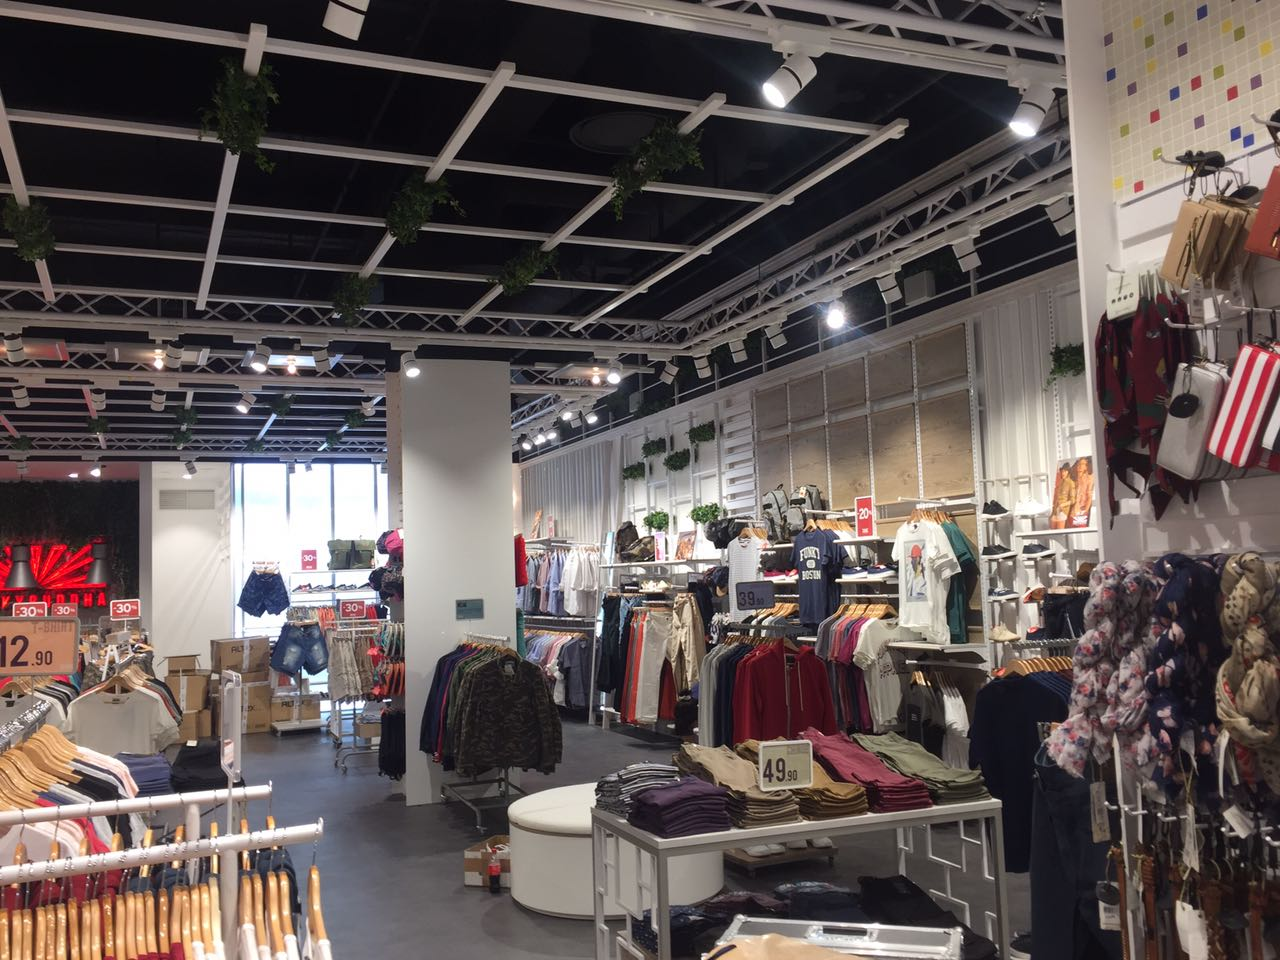 Inneneinrichtung: Eröffnung Retail-Shop Funkybuddha im Centro Oberhausen